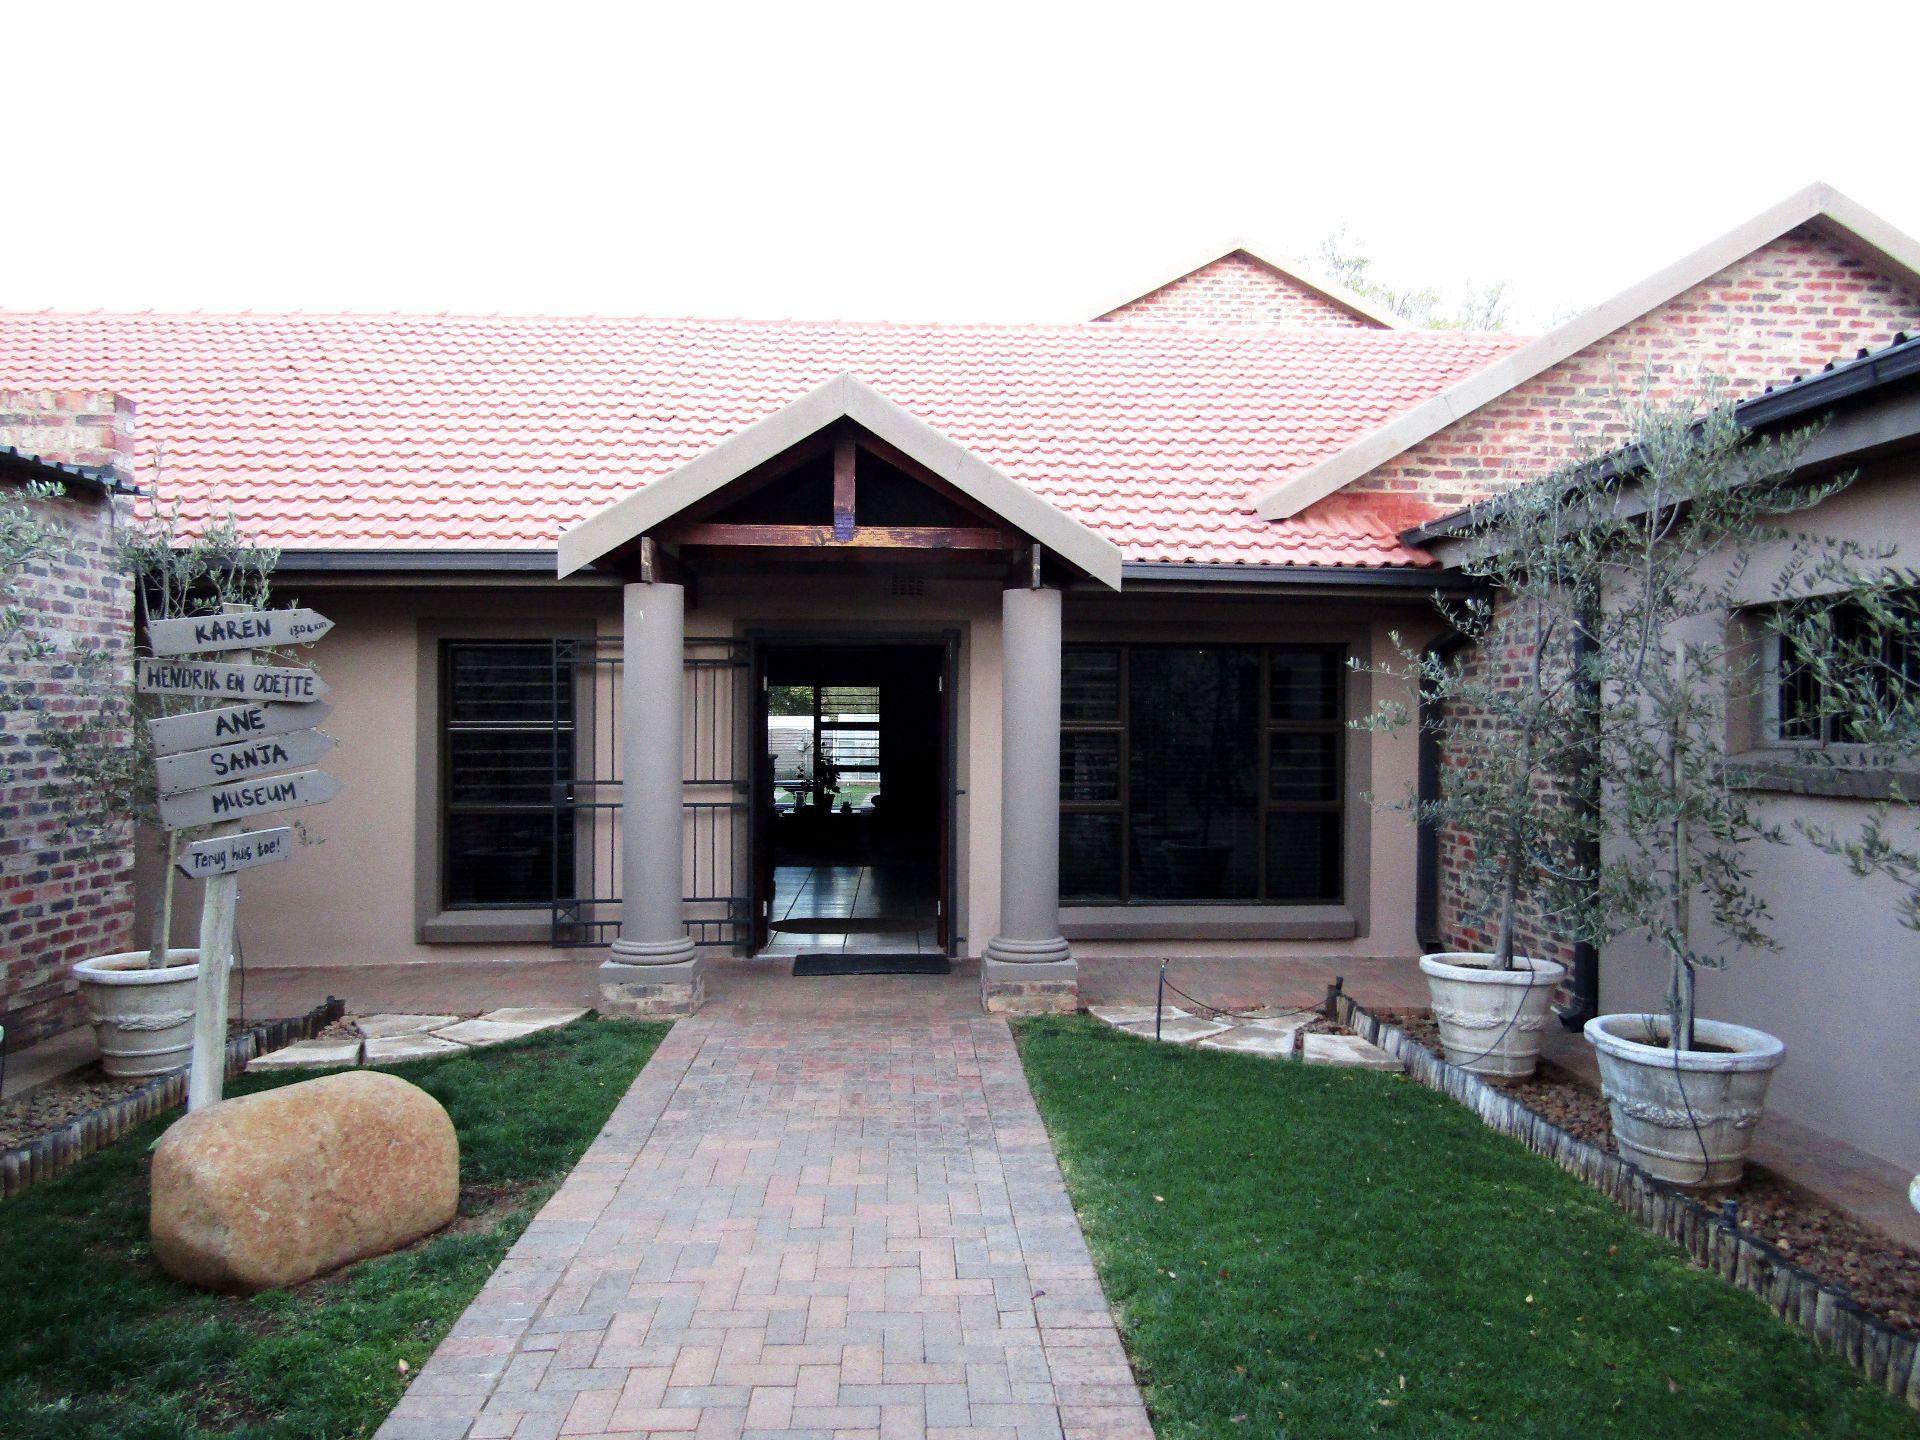 Potchefstroom, Heilige Akker Property  | Houses For Sale Heilige Akker, HEILIGE AKKER, House 5 bedrooms property for sale Price:3,500,000